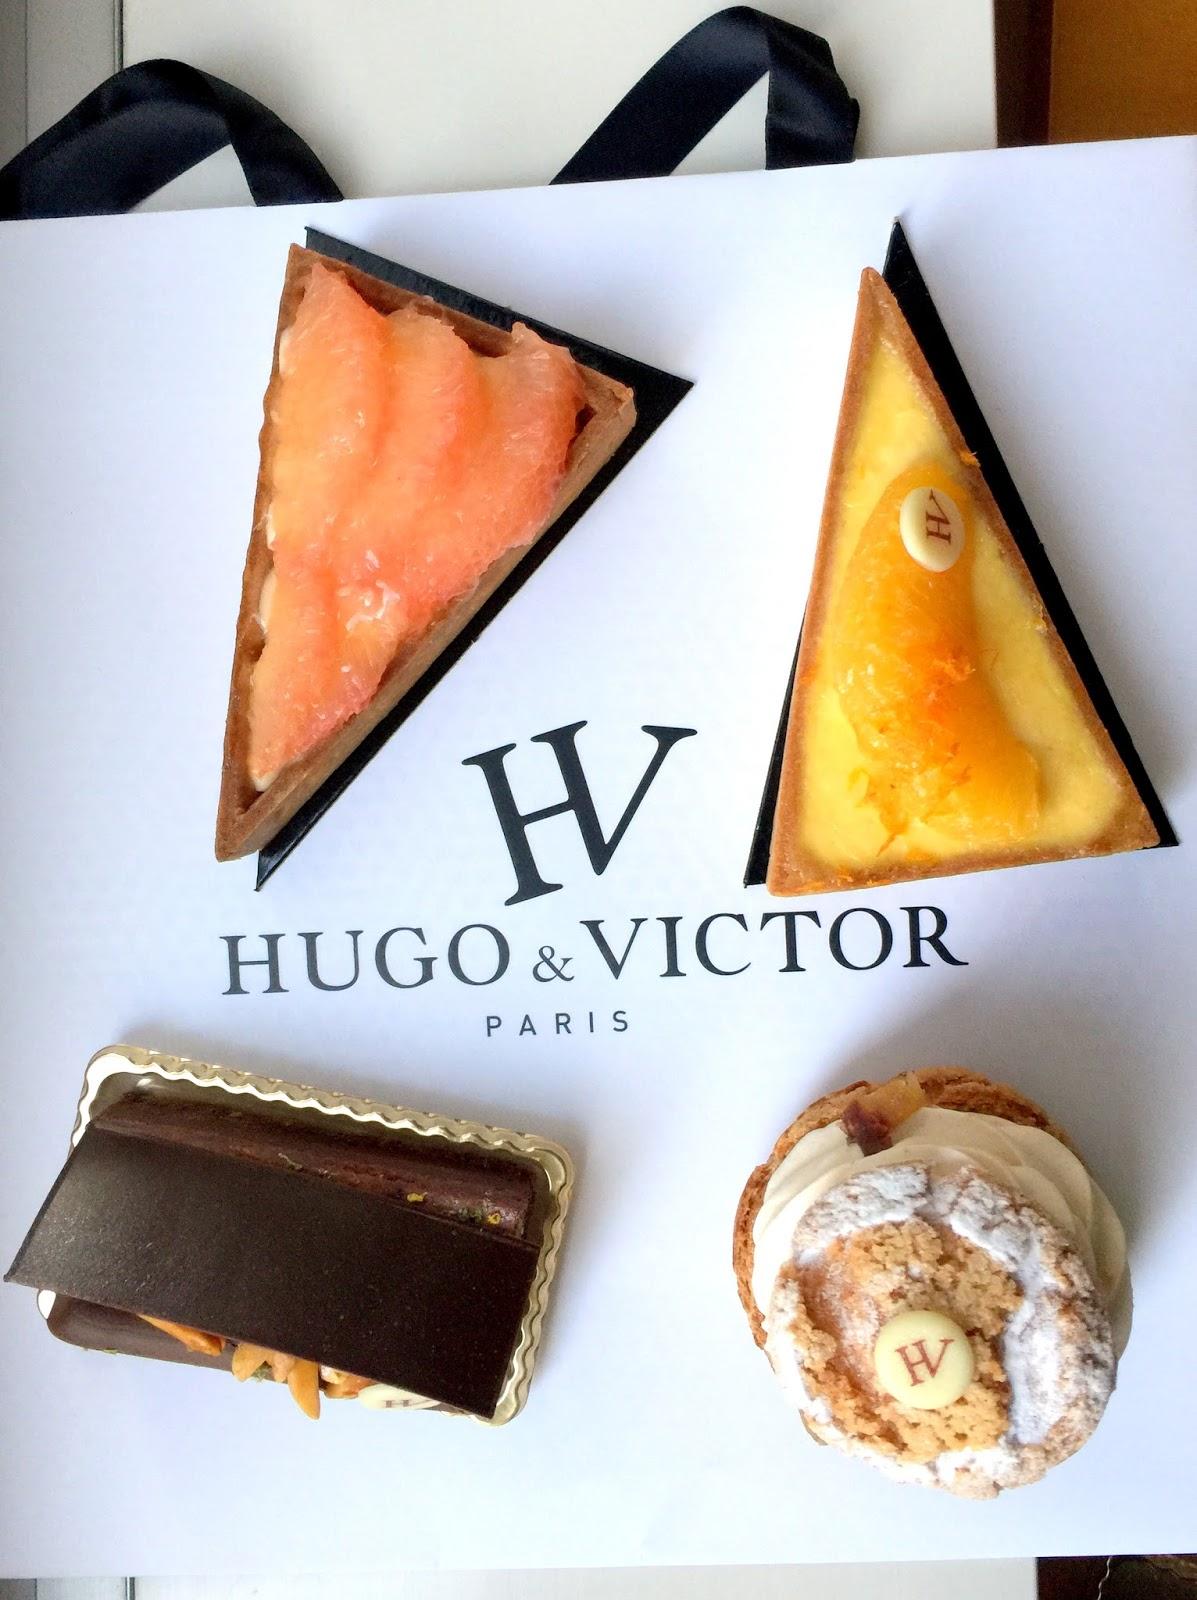 Victor Hugo Food Truck Menu